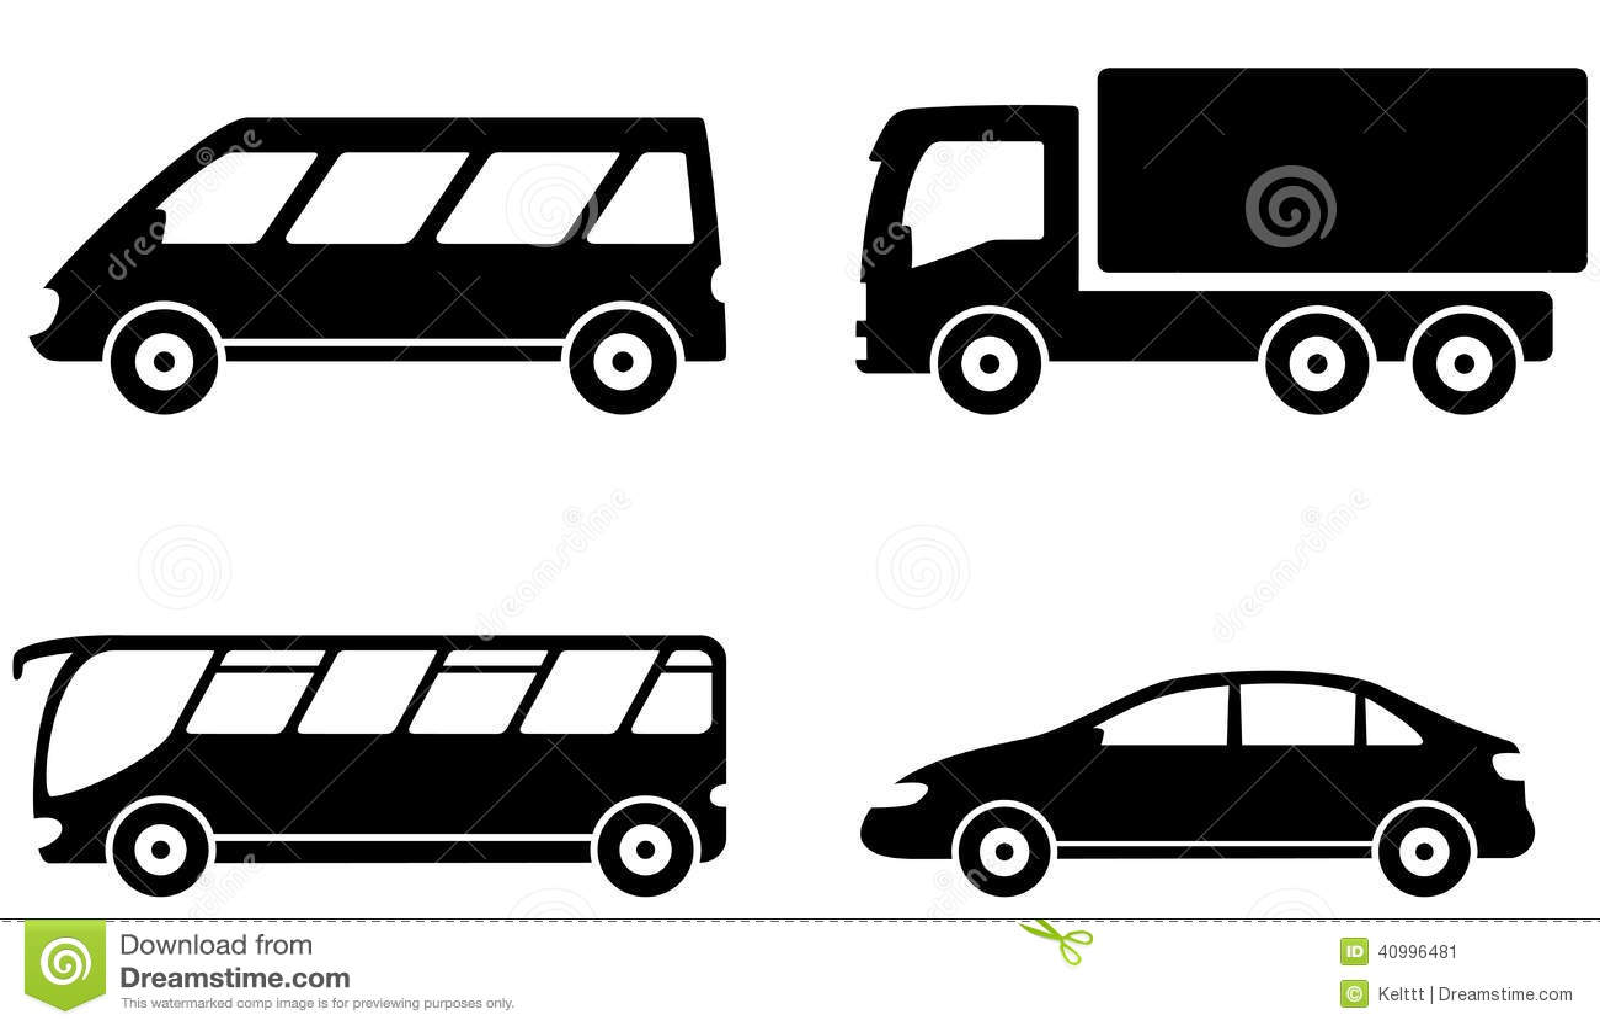 ensemble de transport de v hicule d 39 autobus de camion et de voiture illustration de vecteur. Black Bedroom Furniture Sets. Home Design Ideas